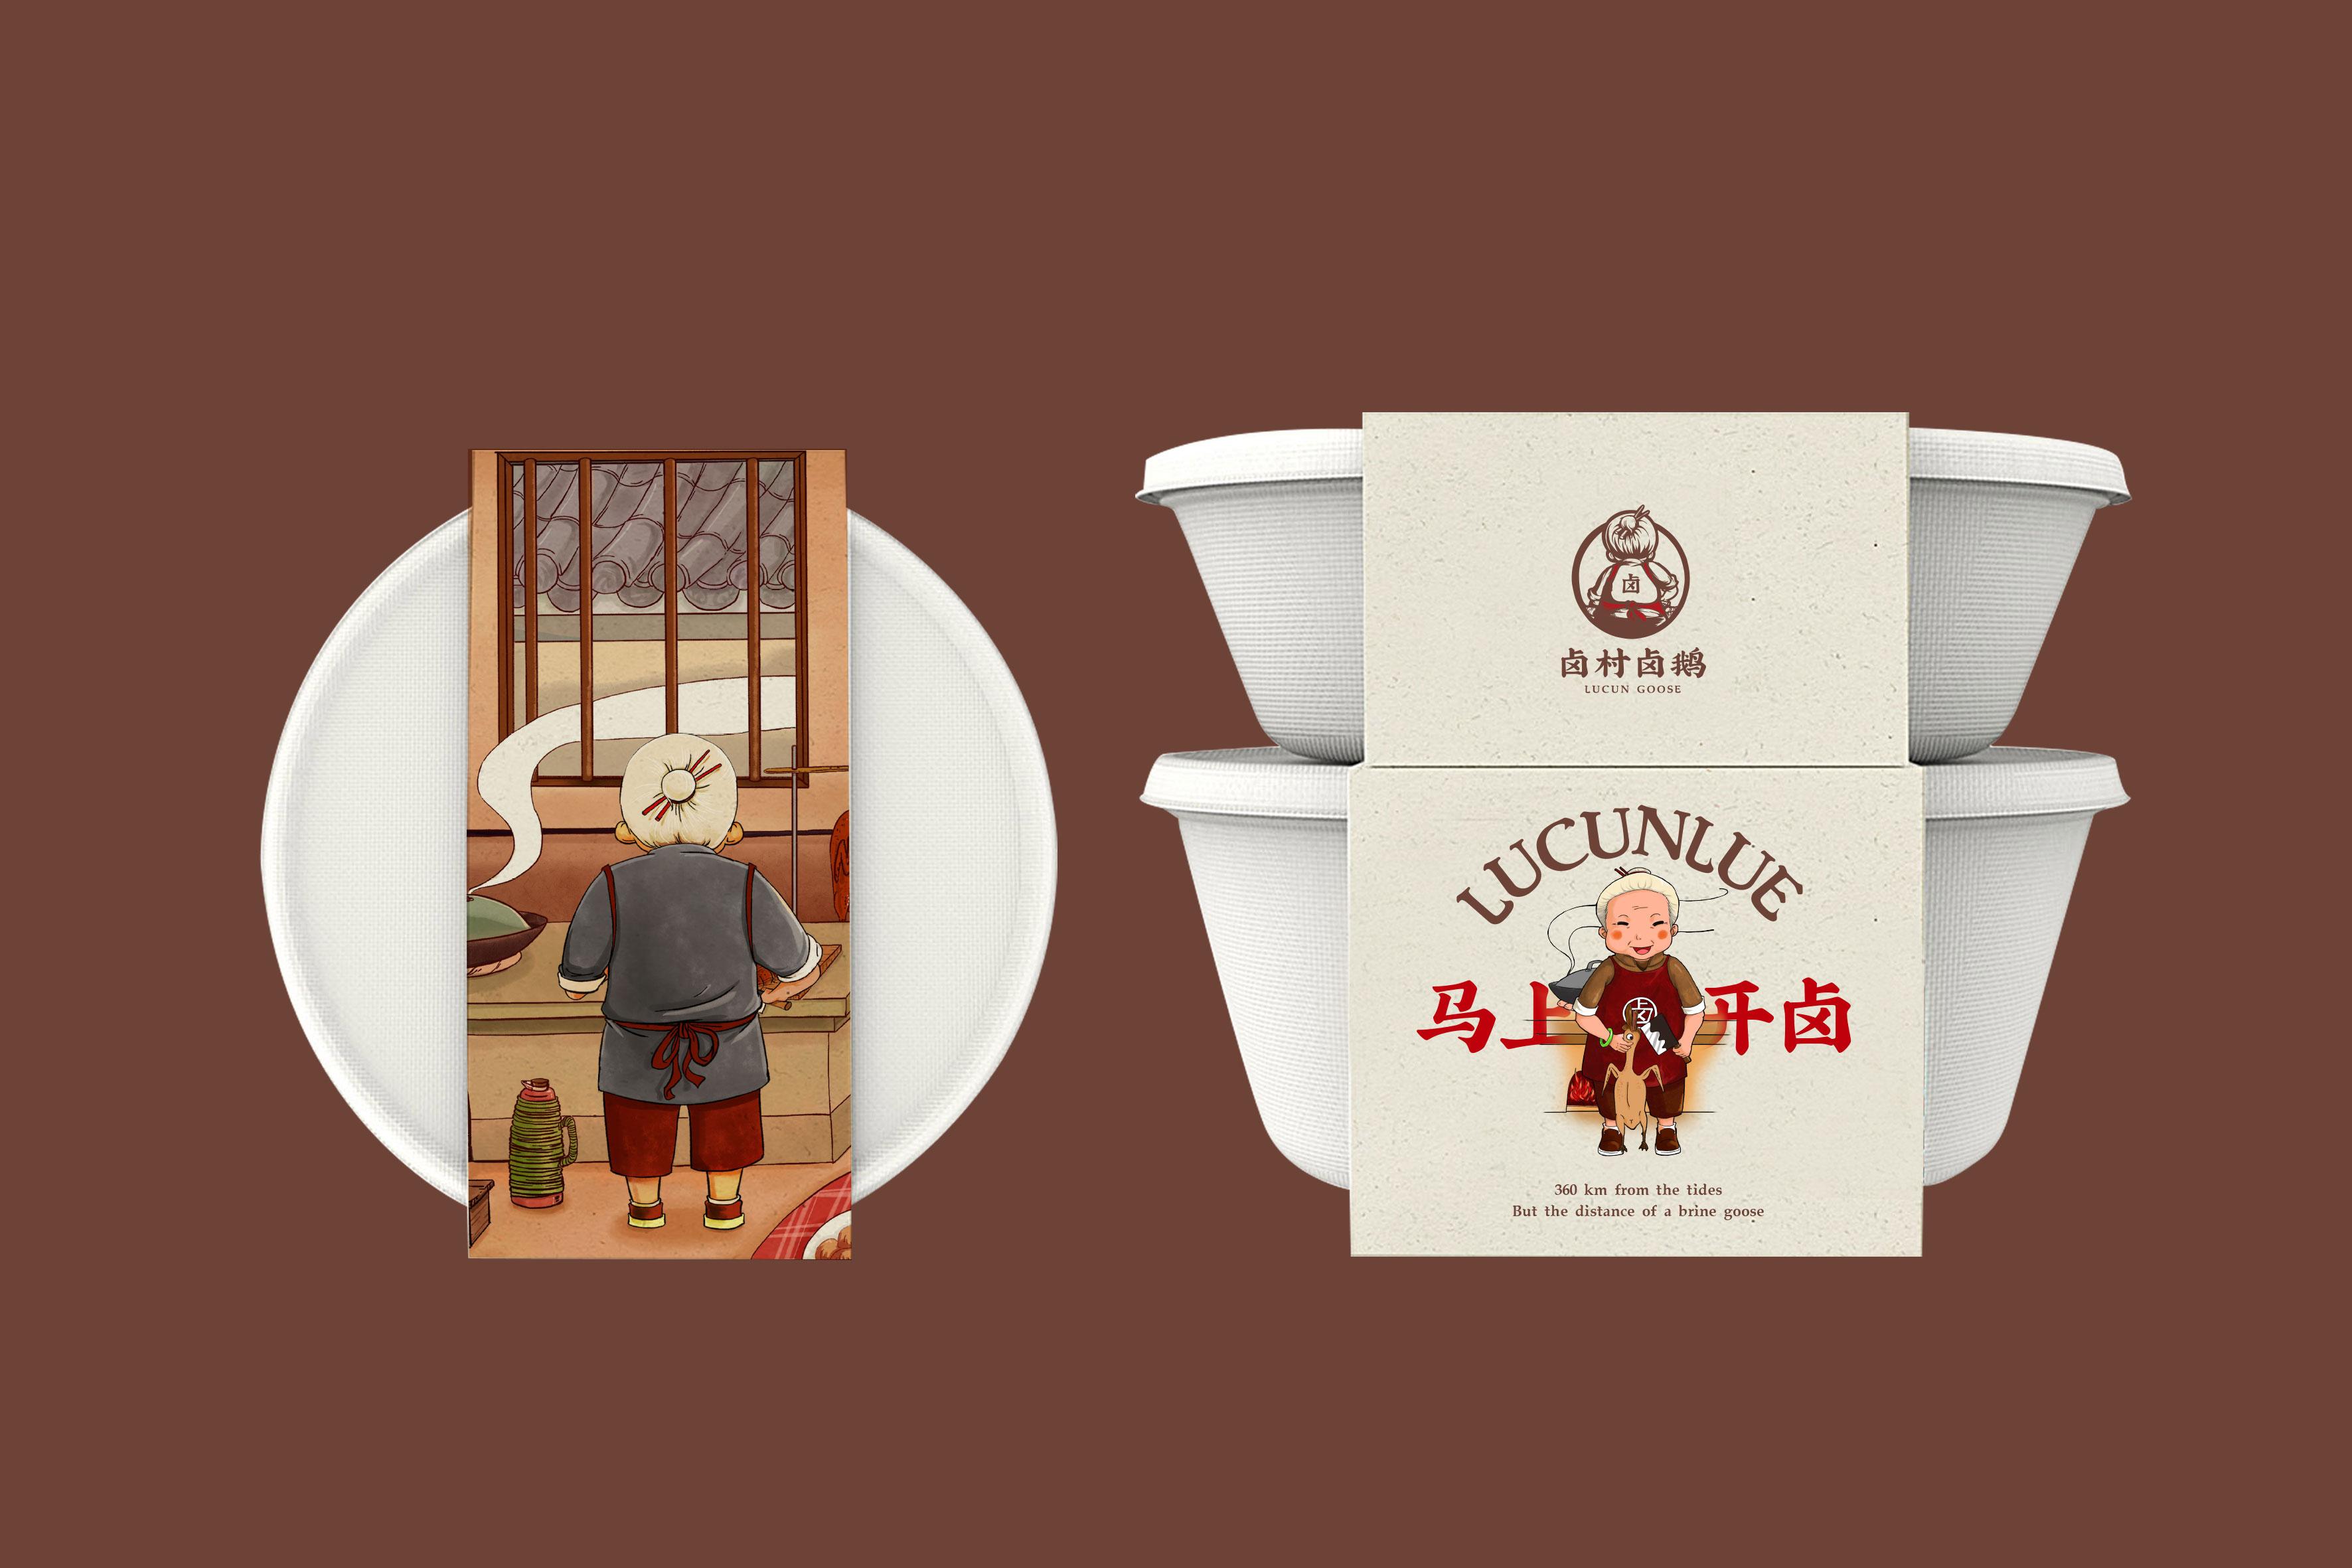 餐饮企业logo设计应该注意哪些问题?如何设计呢?